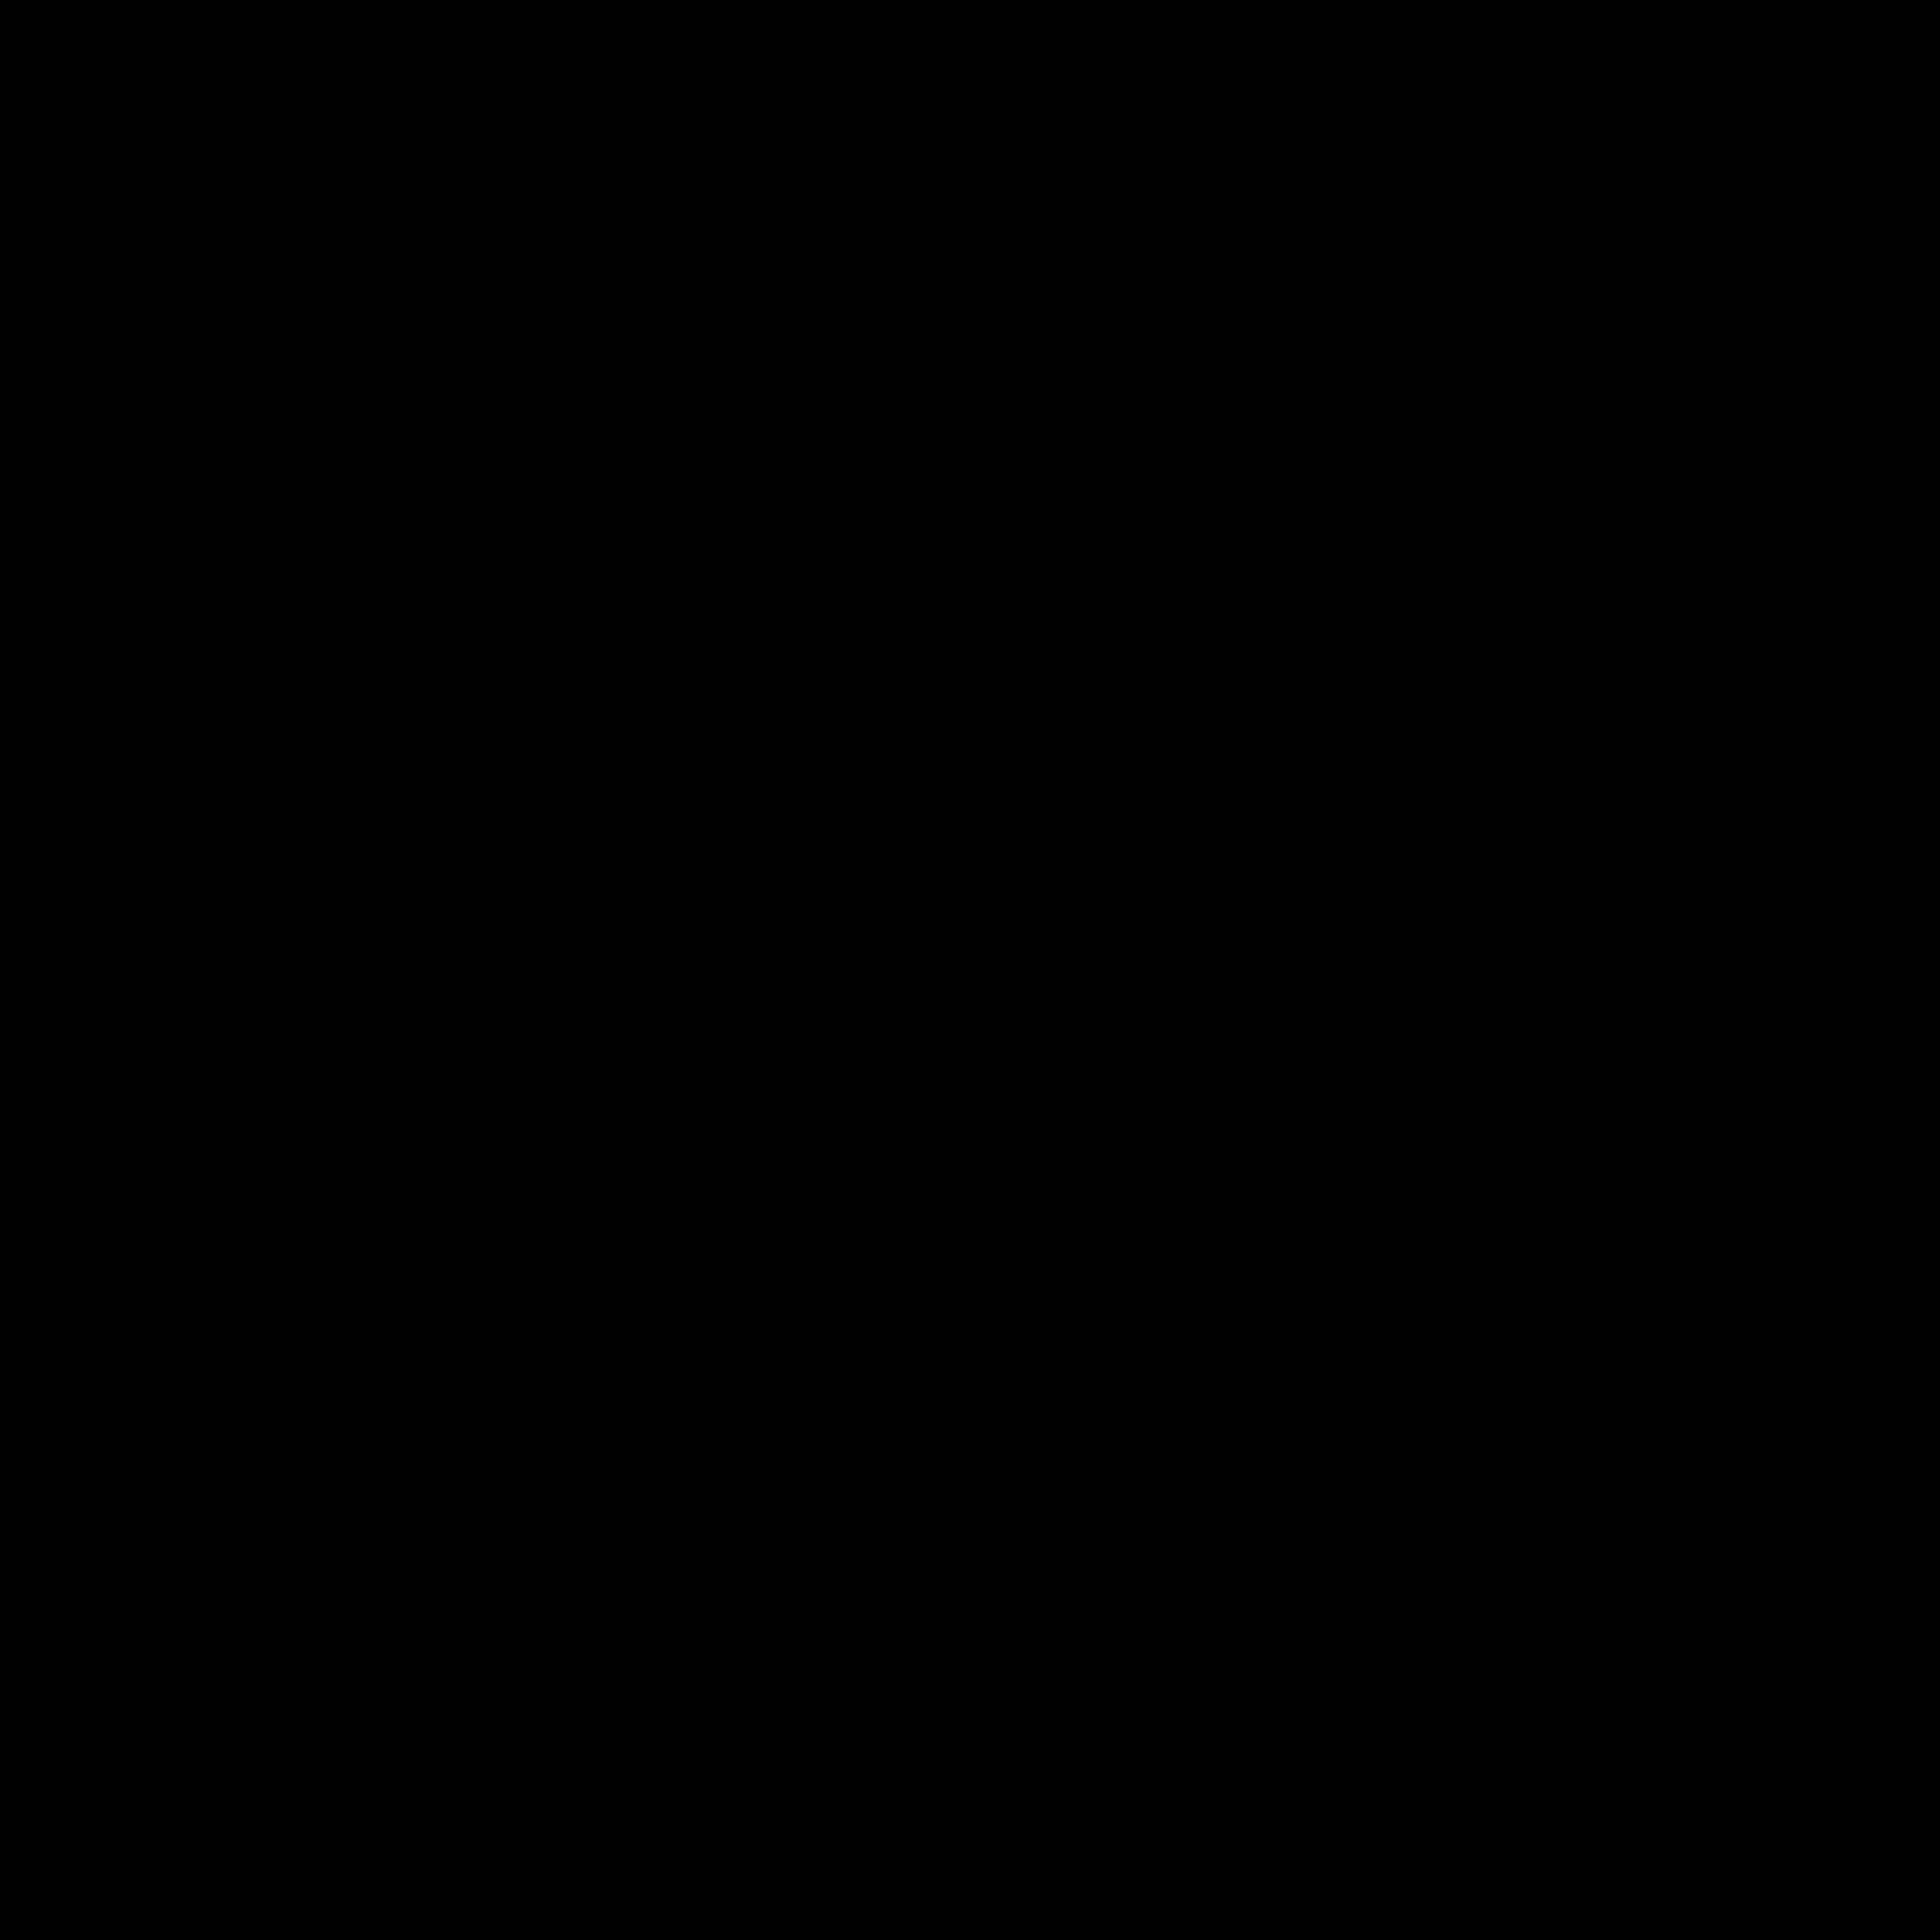 Logo Seagram's